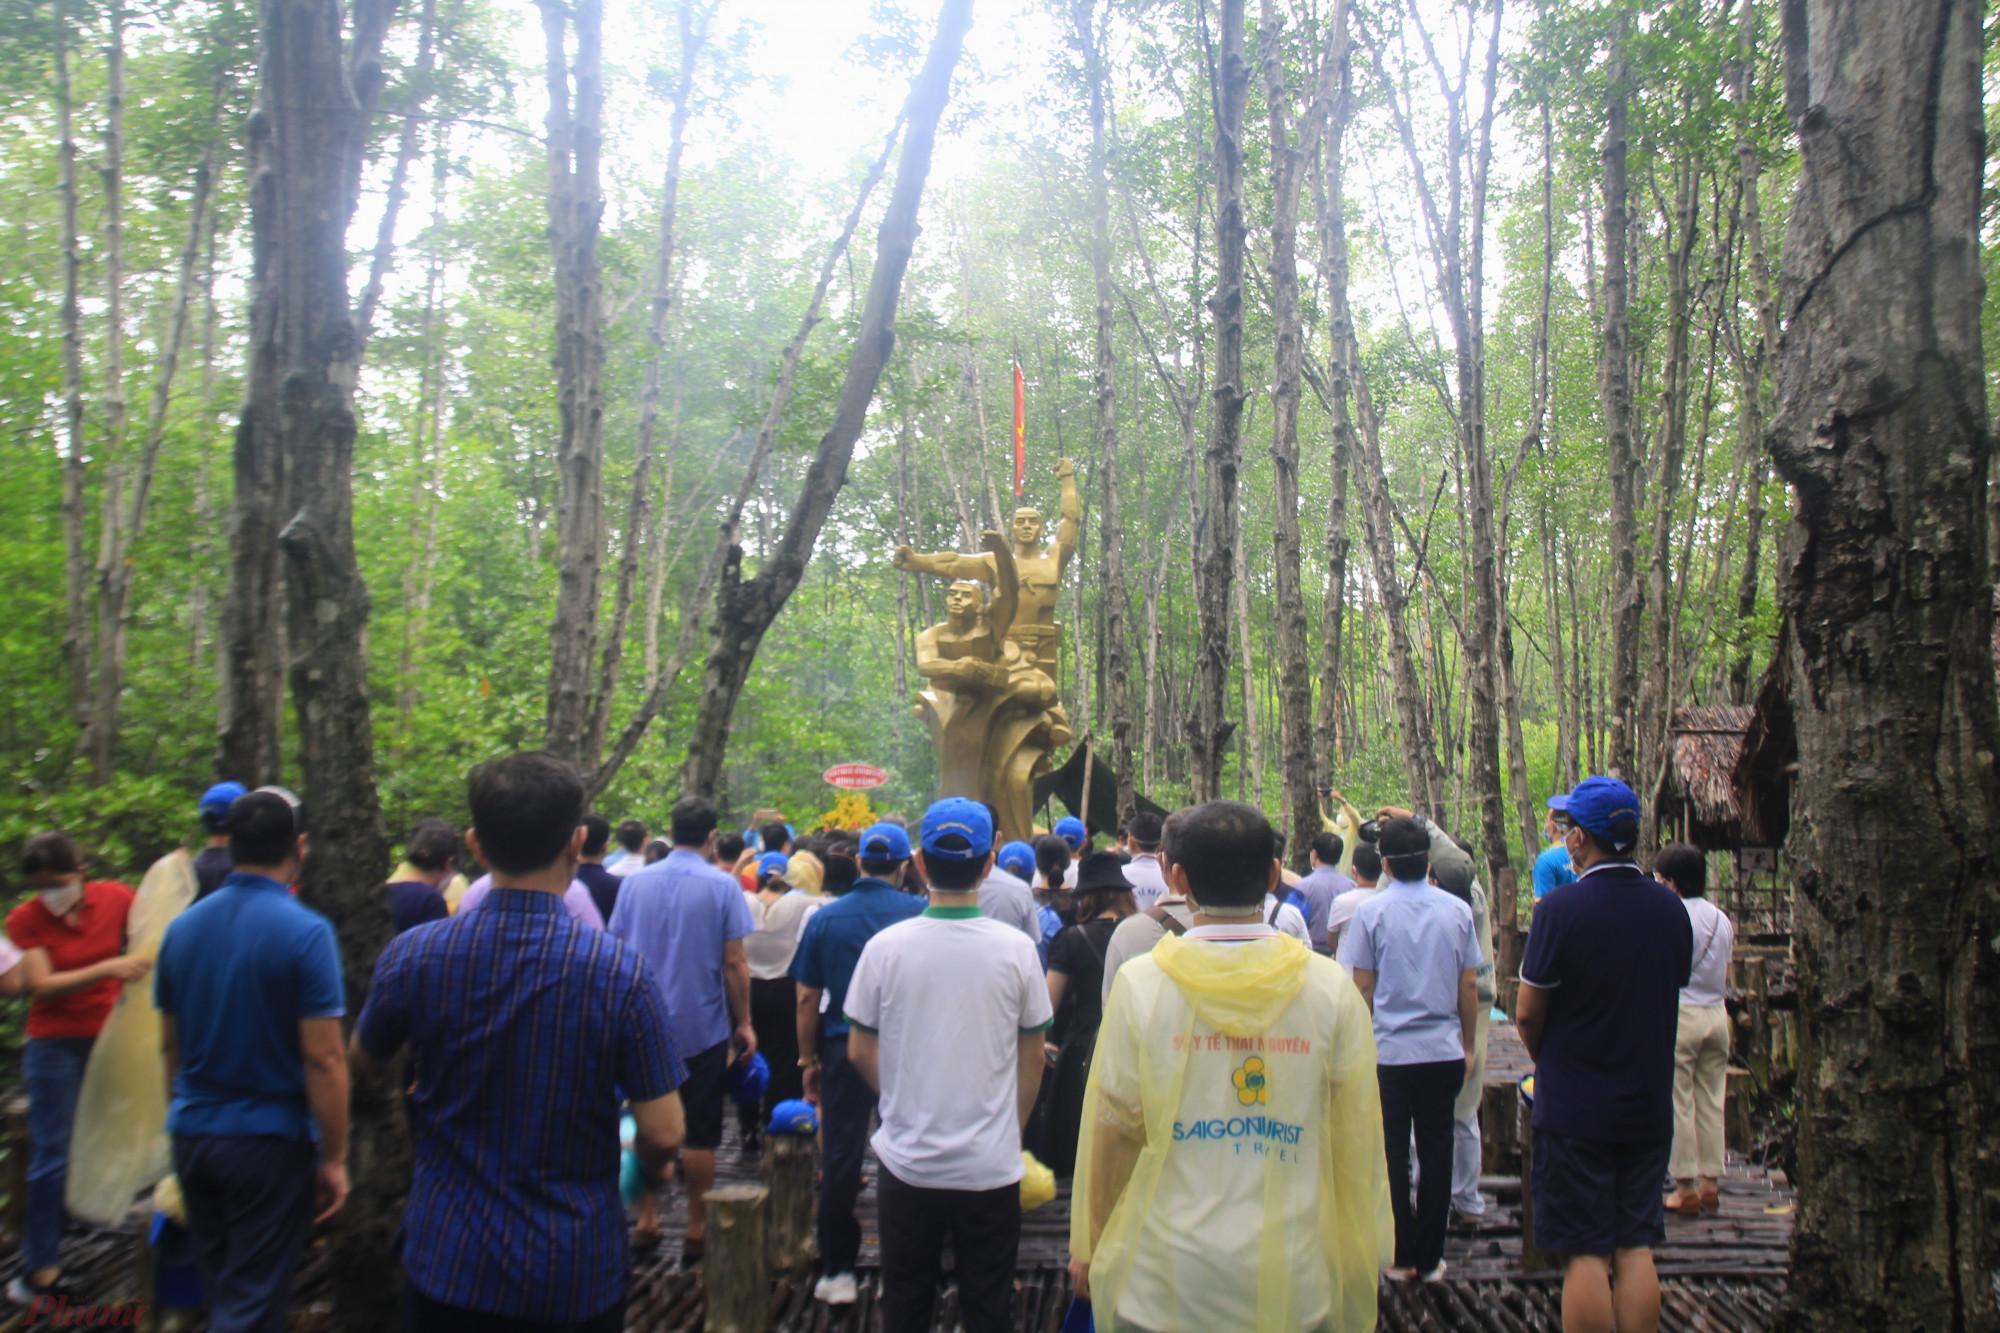 Đoàn  y bác sĩ dân hương  tại  đài  tượng  niệm  chiến  sĩ  đặt  công  Rừng Sátt. Ảnh: Quốc Thái